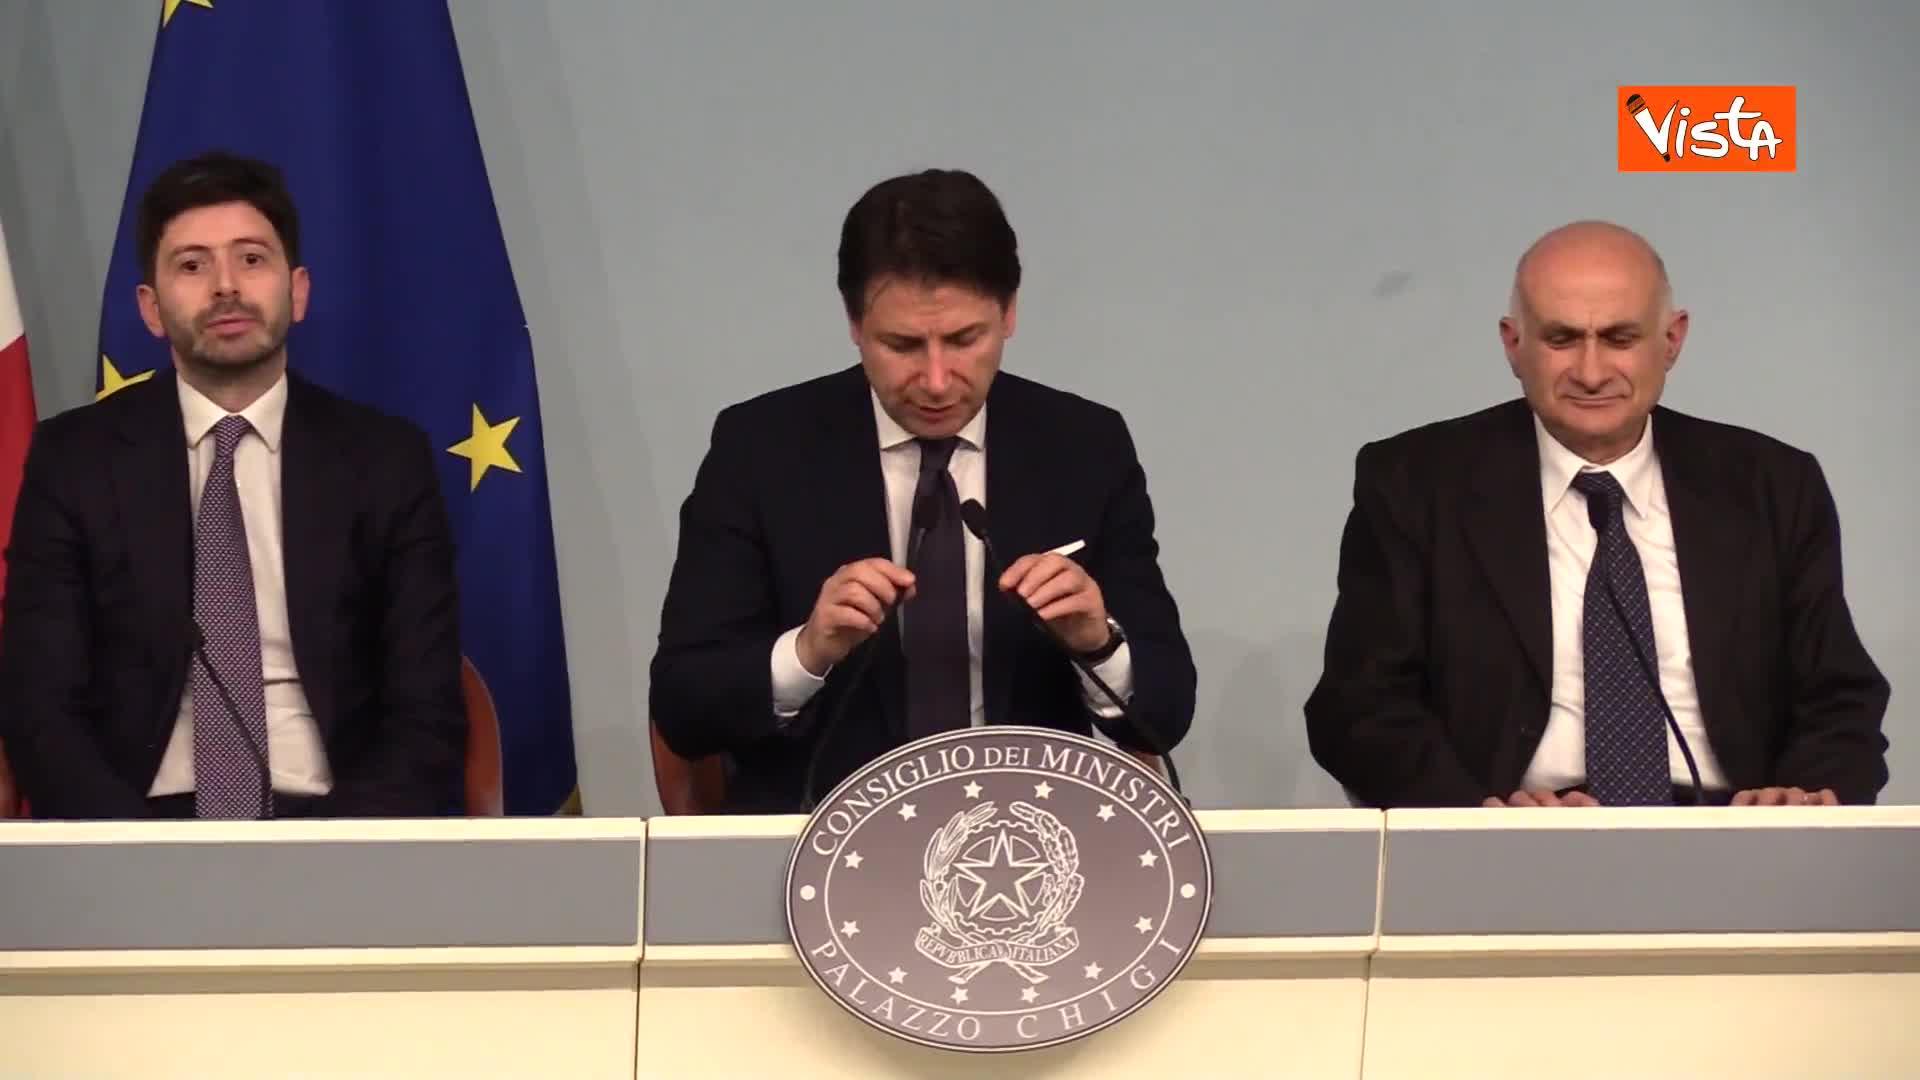 """Coronavirus, Conte: """"Accertati i primi due casi in Italia, sono turisti cinesi"""""""